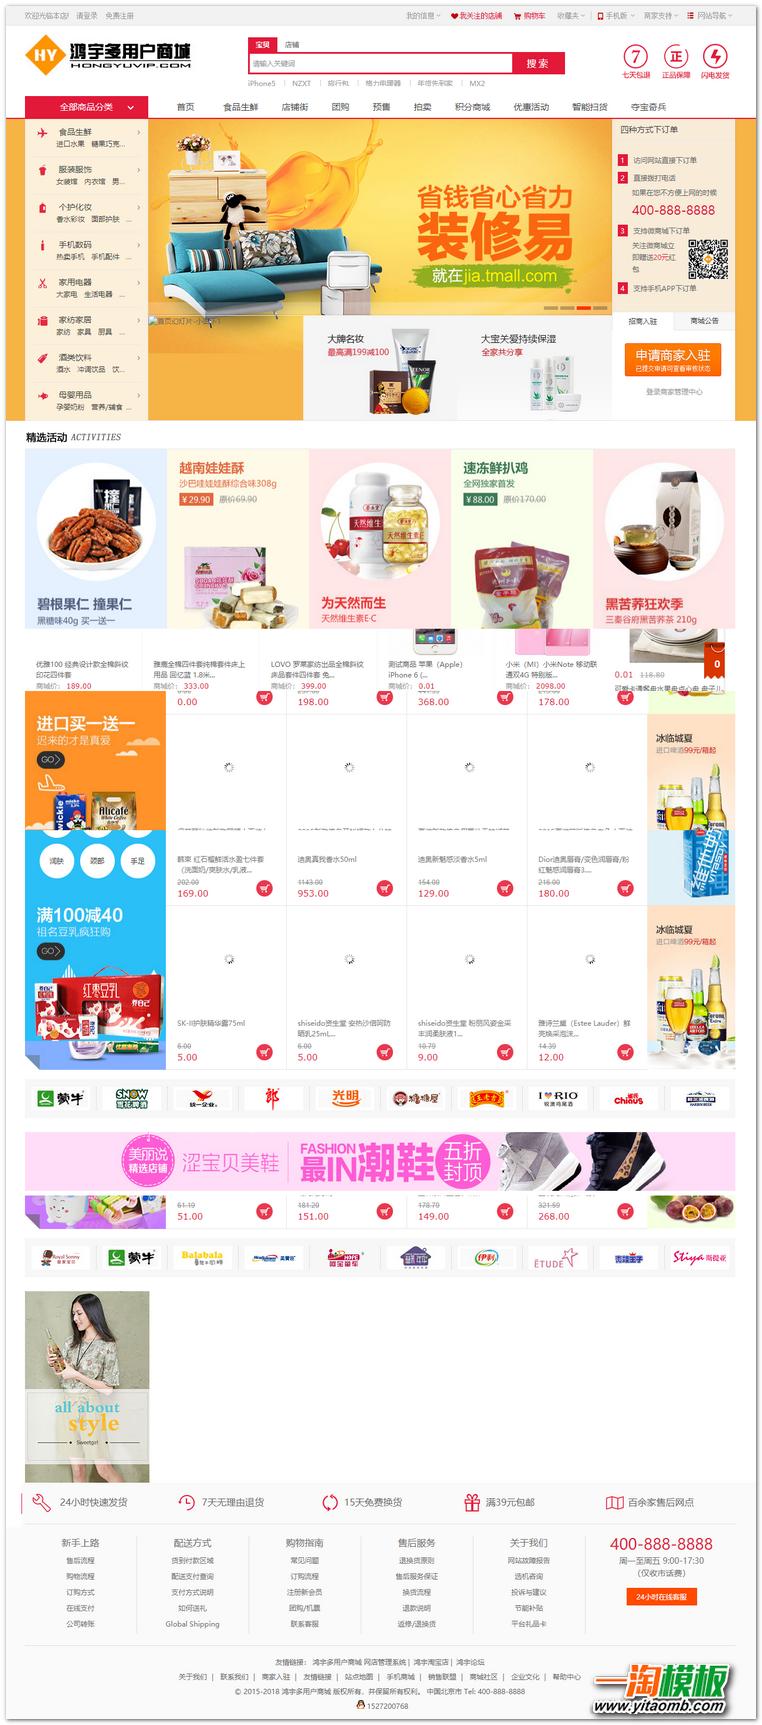 最新 2018 商城源码小京东 v7.9.9 多用户 ecshop 鸿宇售后 bug 修复服务